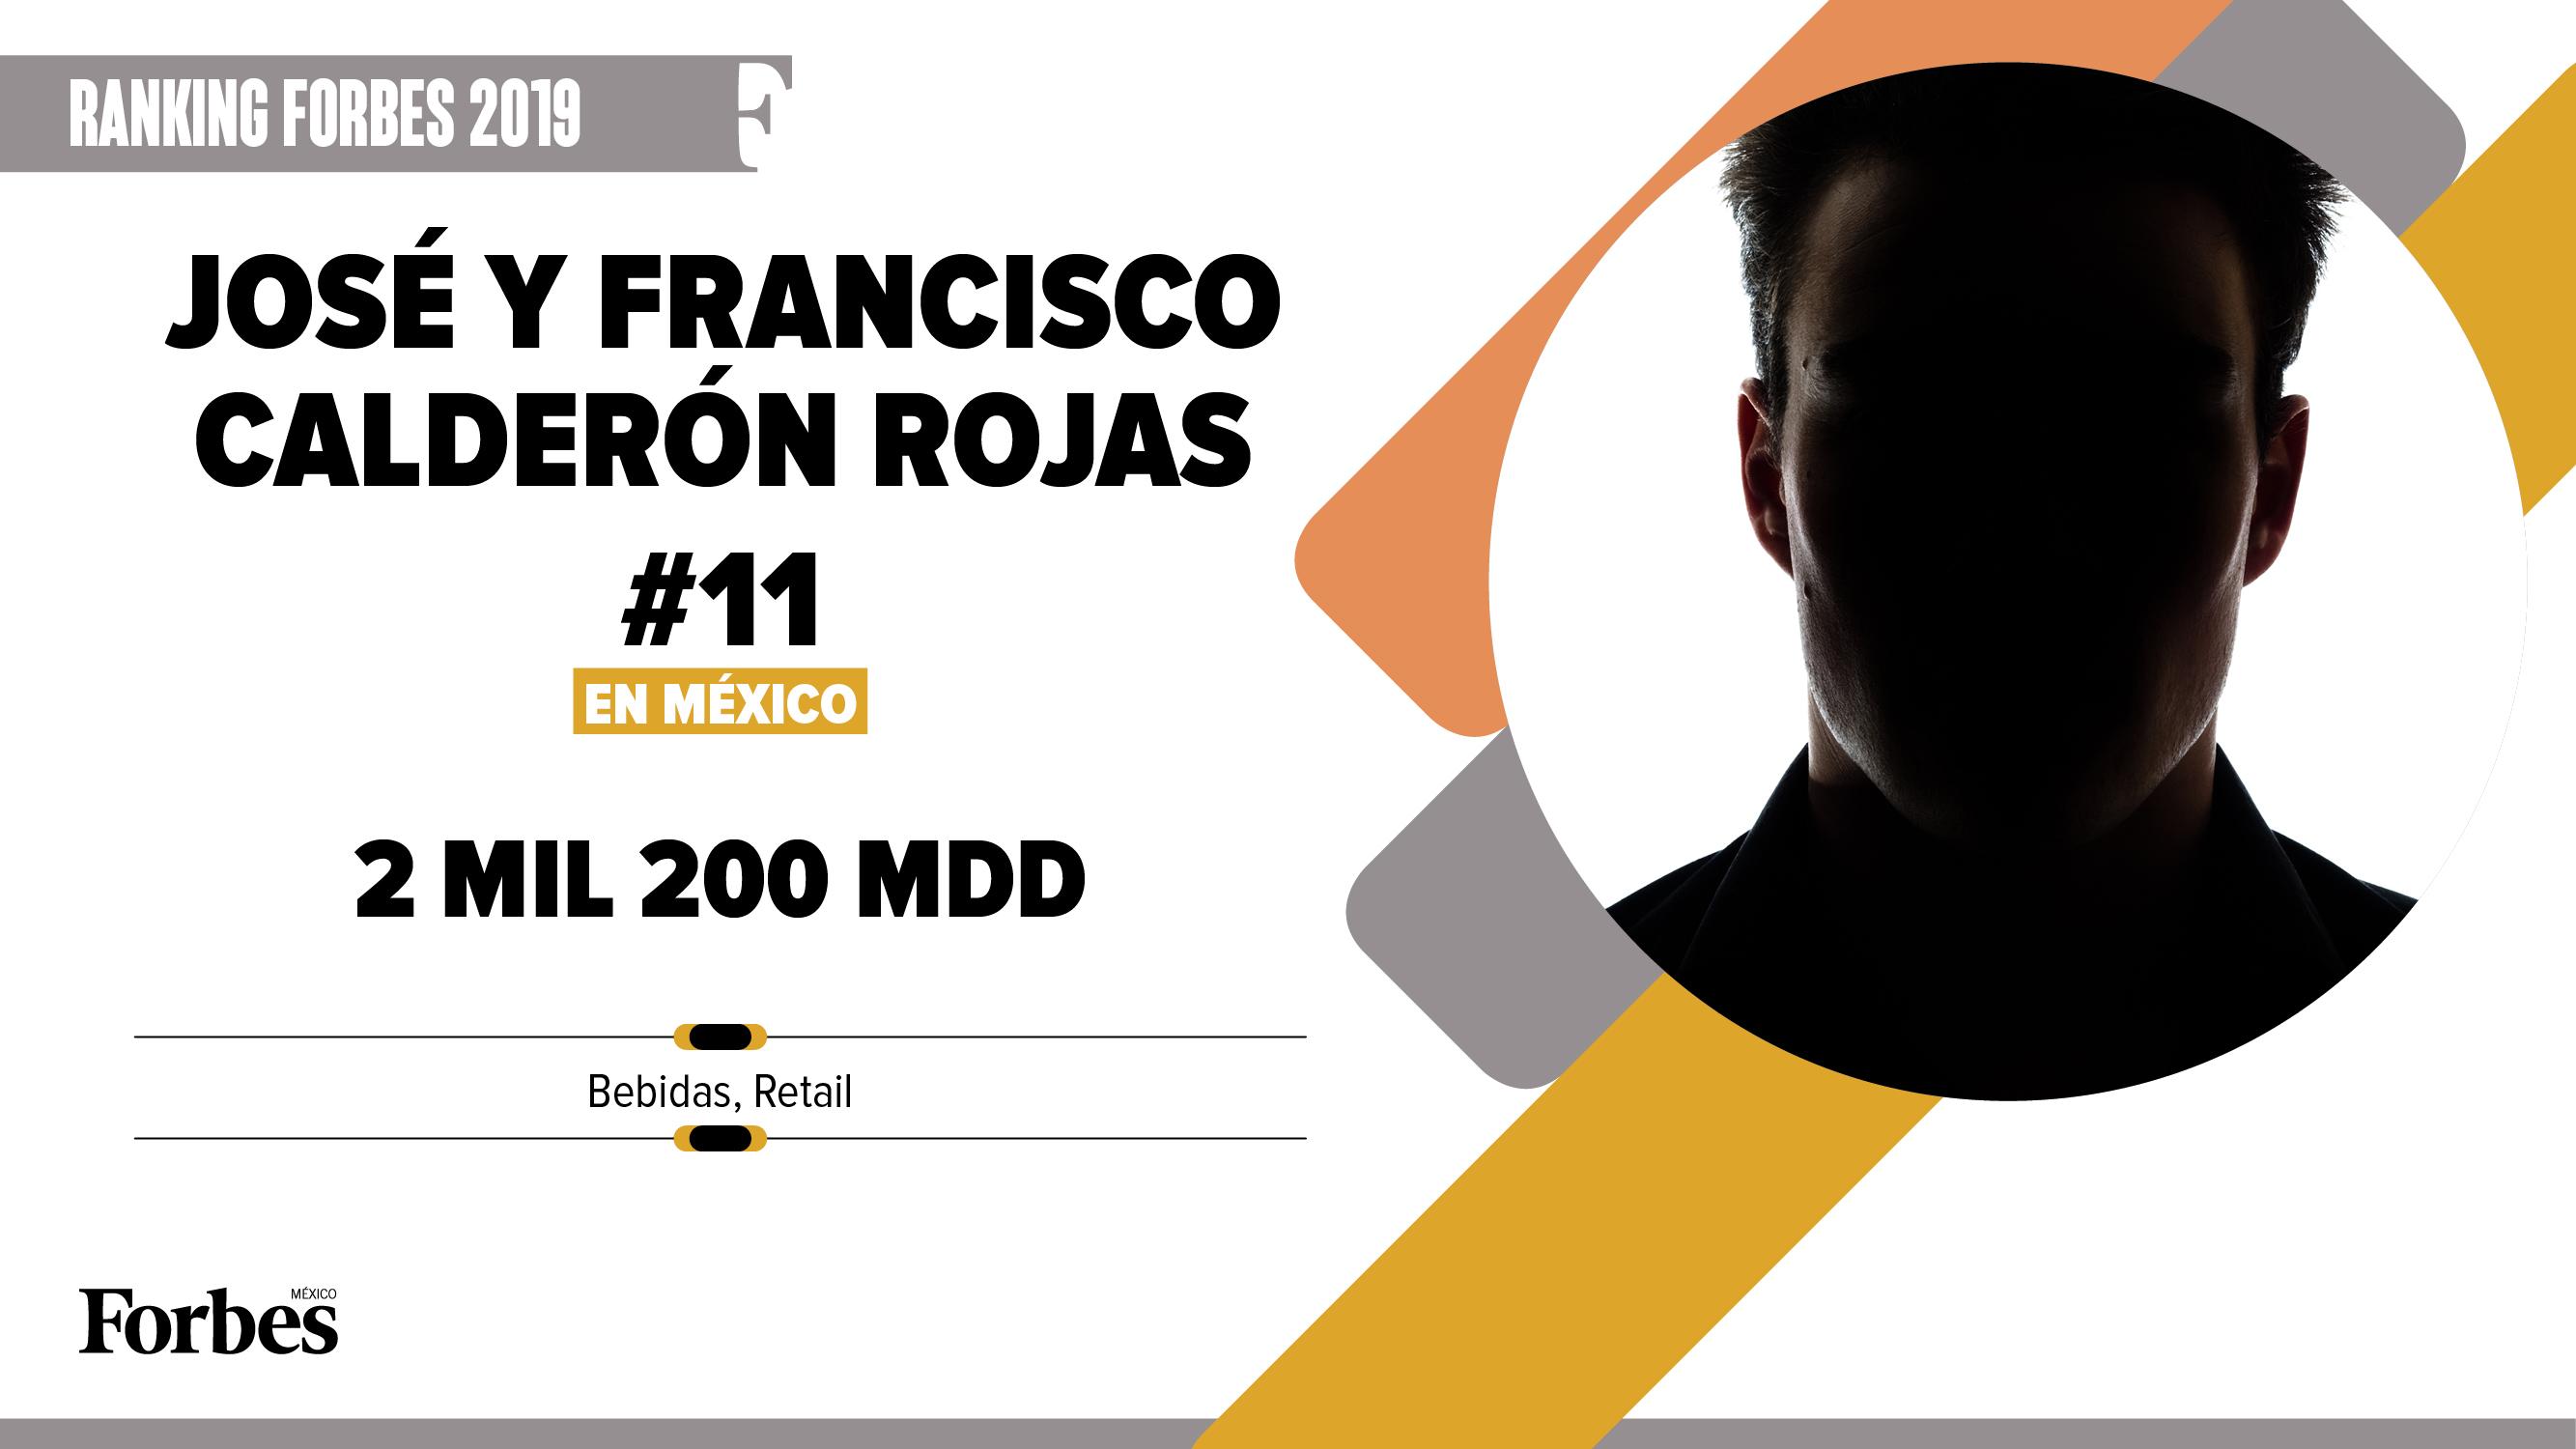 Billionaires 2019 | José y Francisco Calderón Rojas, el poder del consumidor